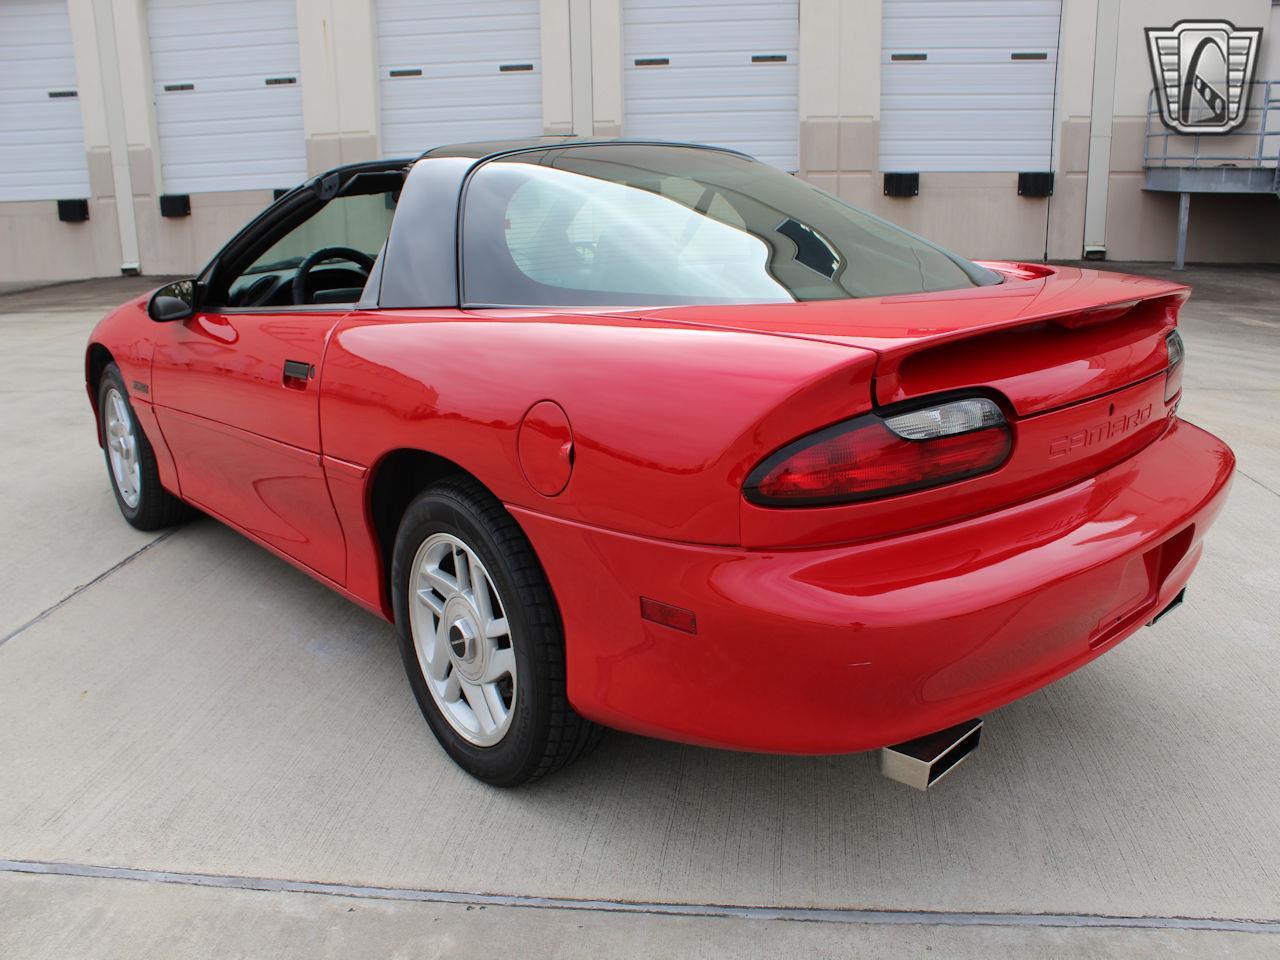 1996 Chevrolet Camaro (CC-1419986) for sale in O'Fallon, Illinois